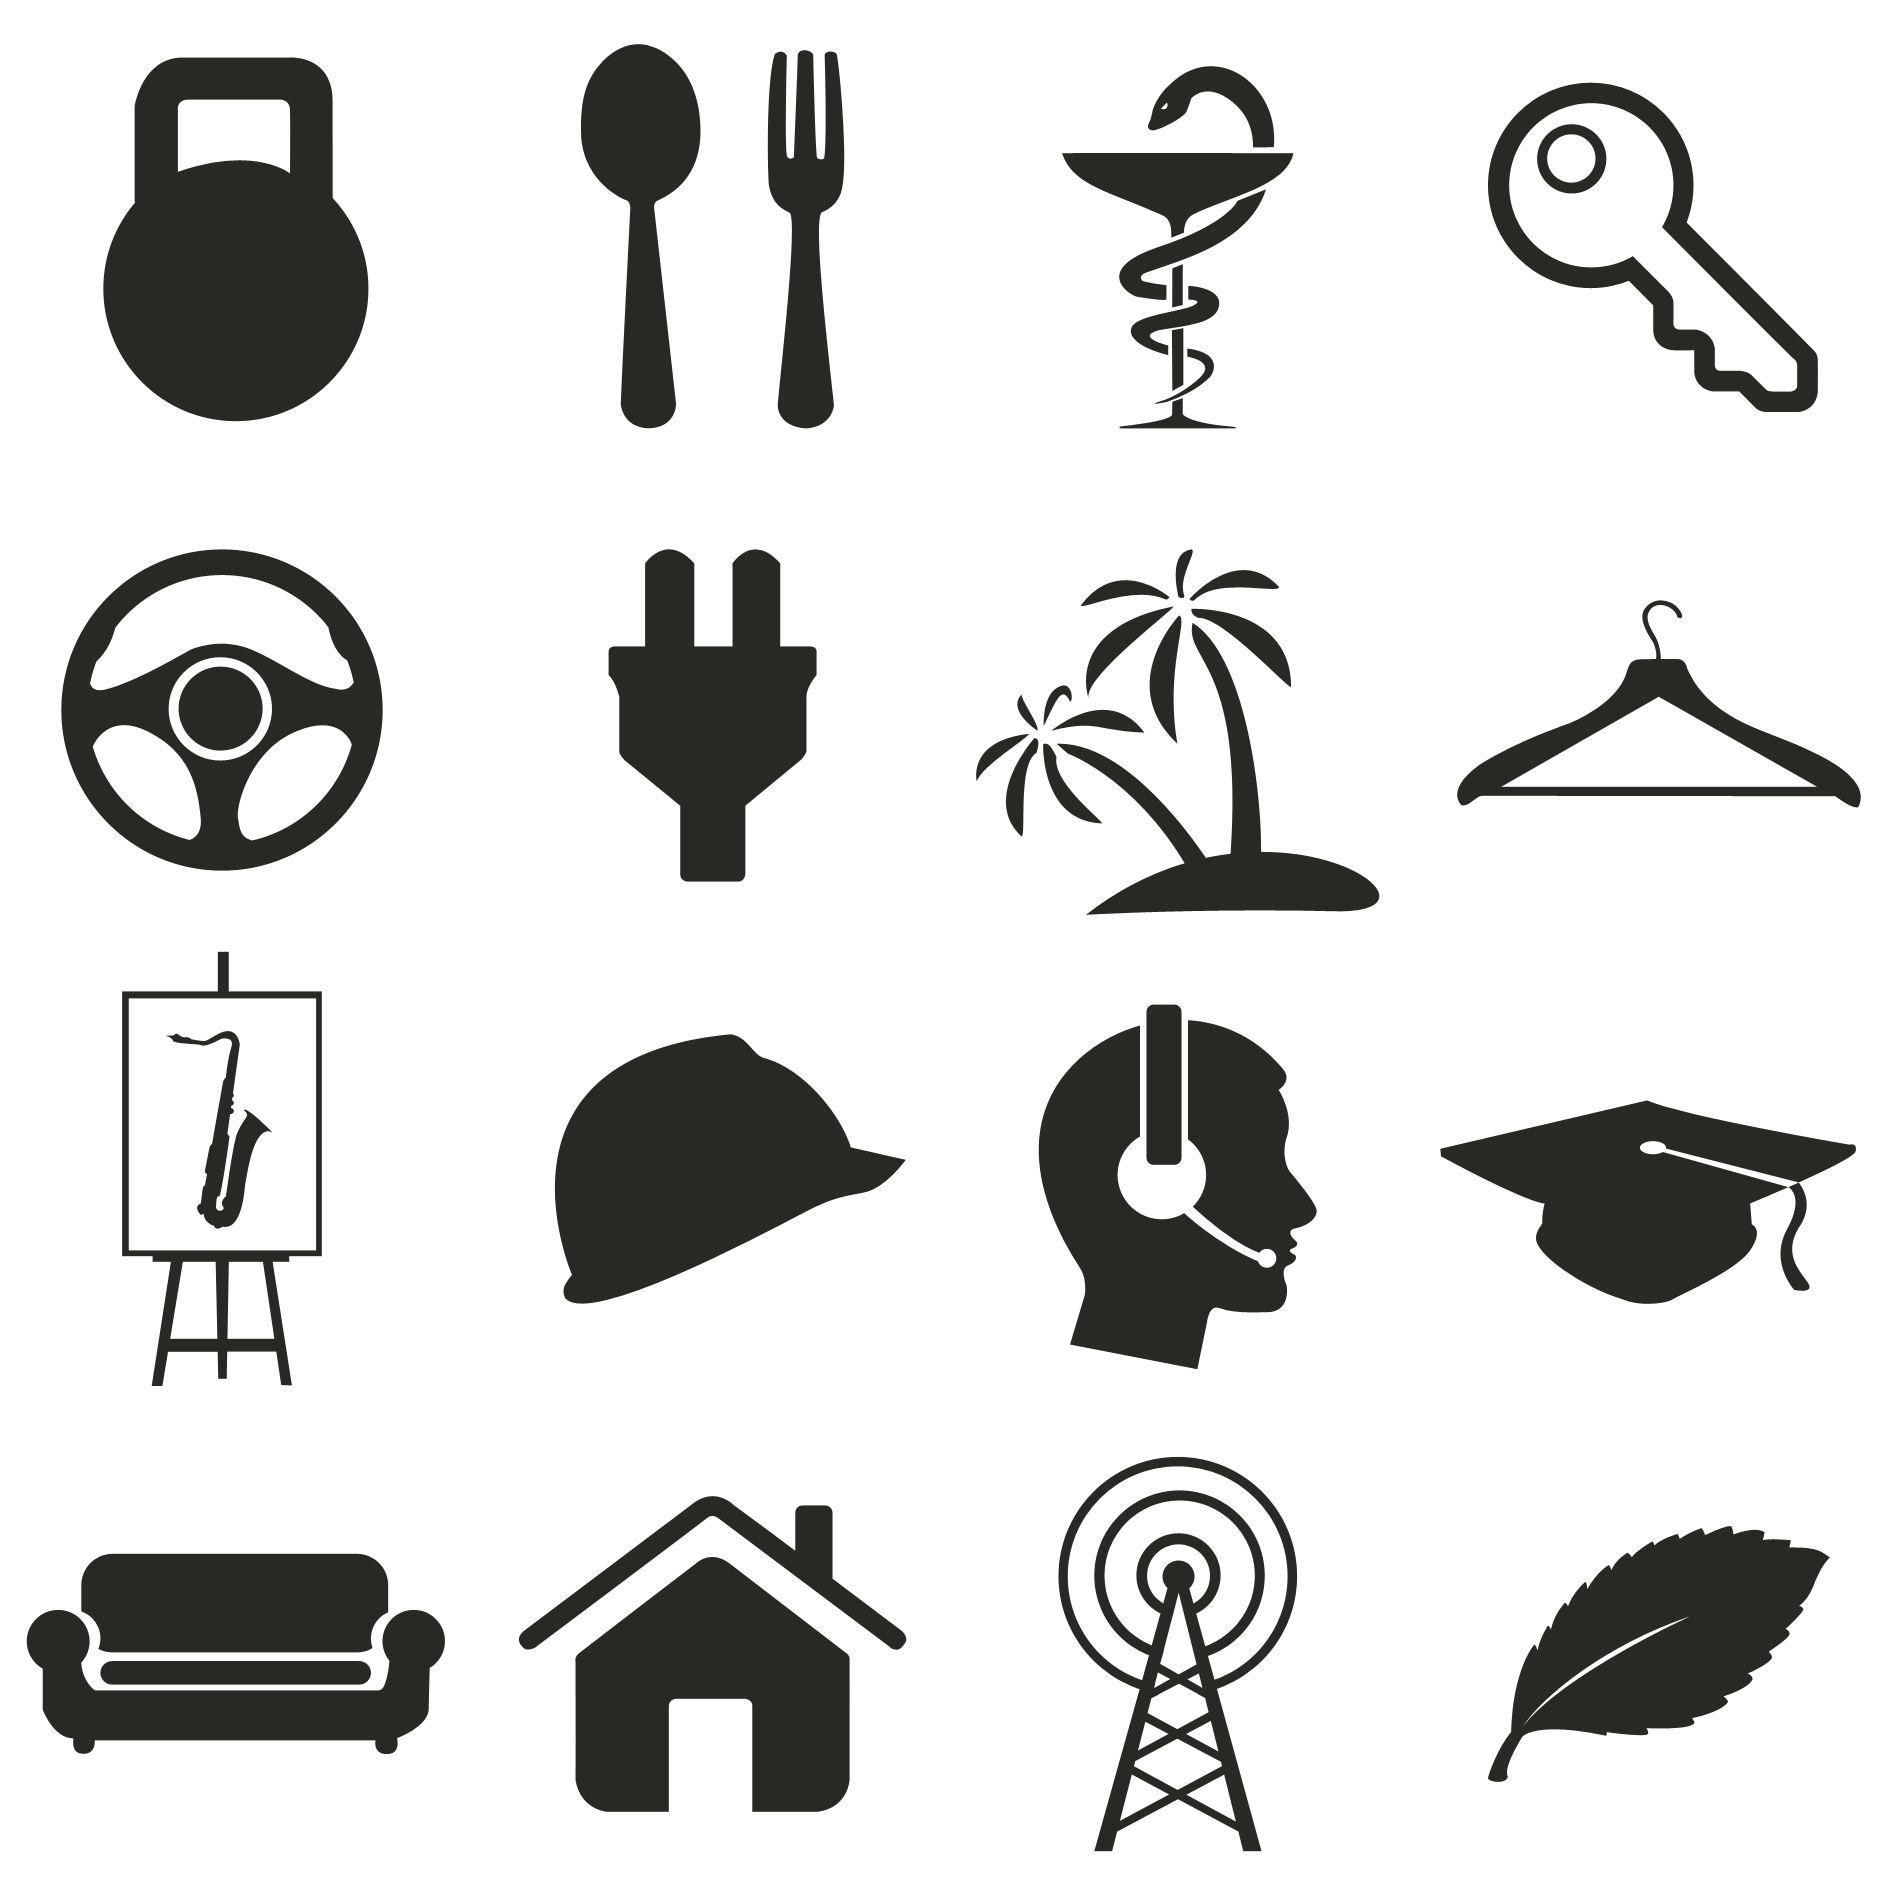 Иконки\кнопки для городского портала - дизайнер Kapitane